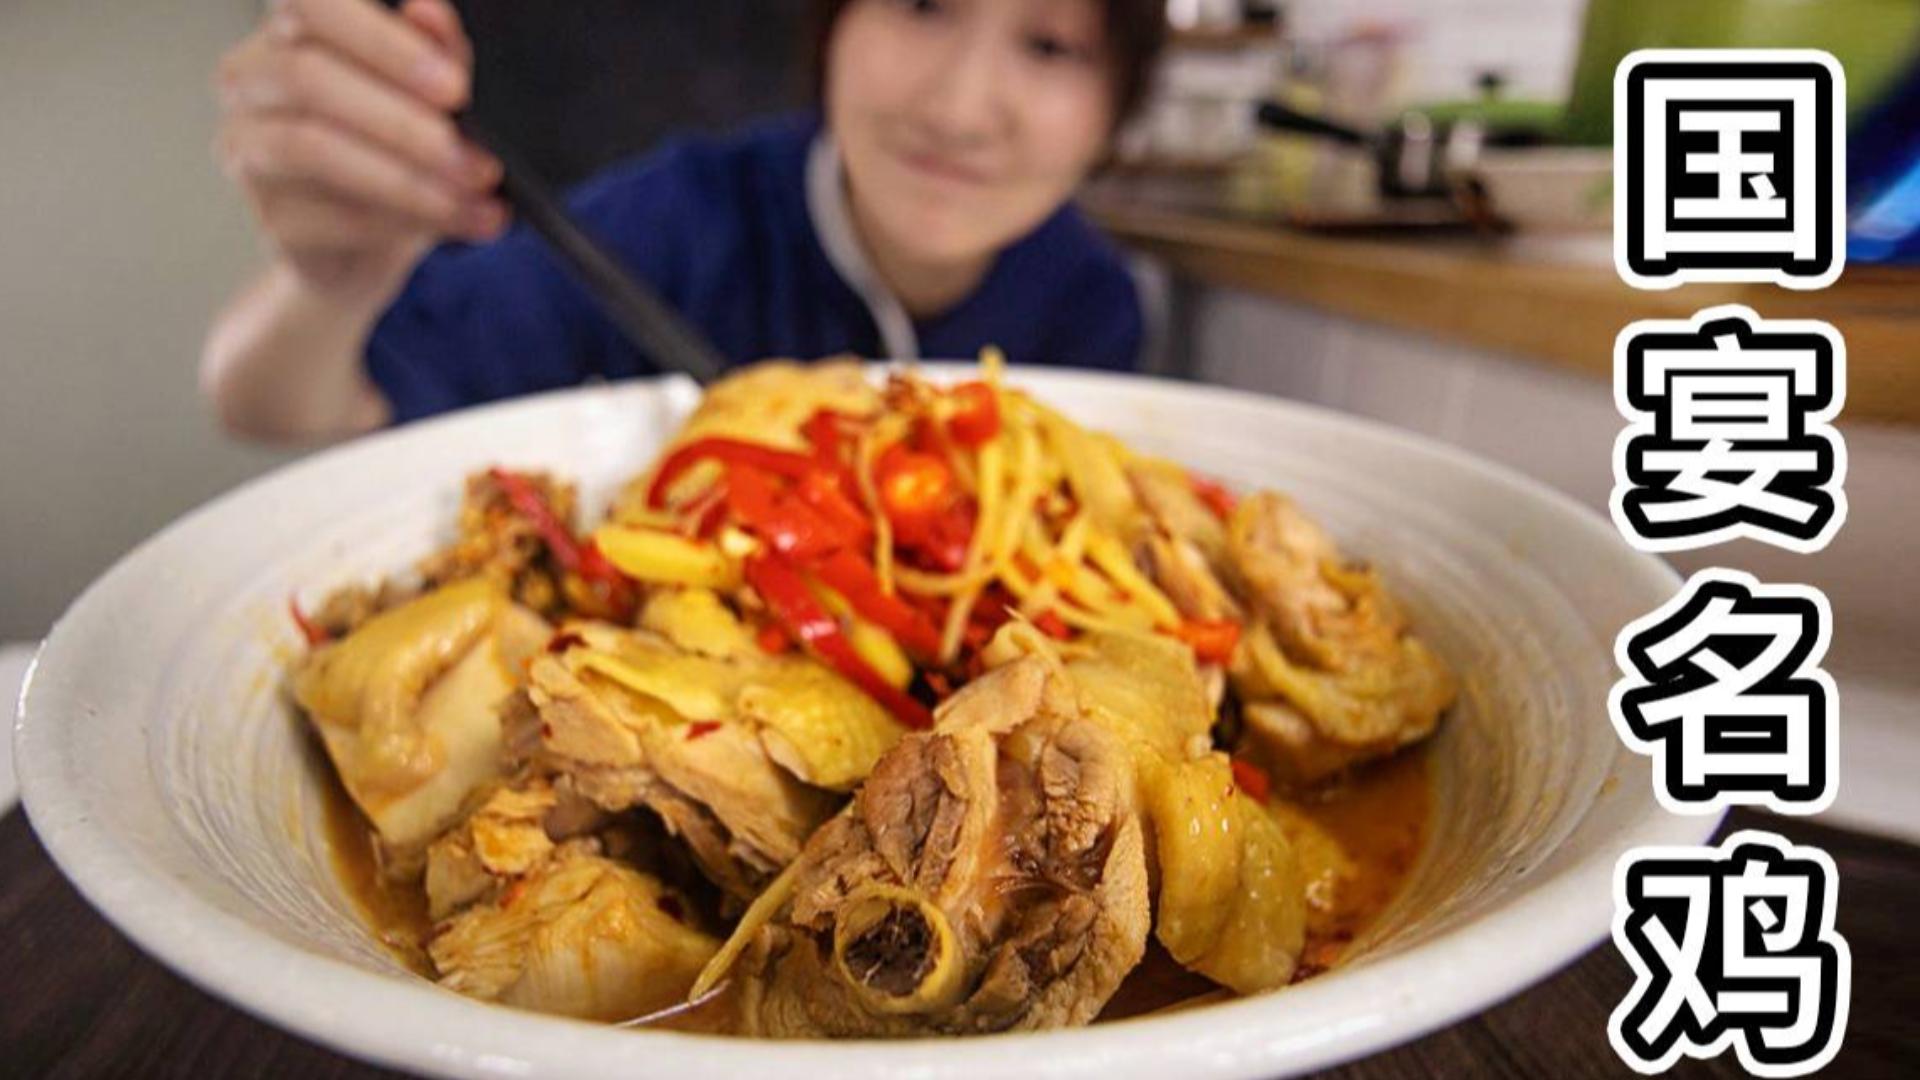 一只上过国宴的鸡,酸辣重口,不愧为湘菜之首!